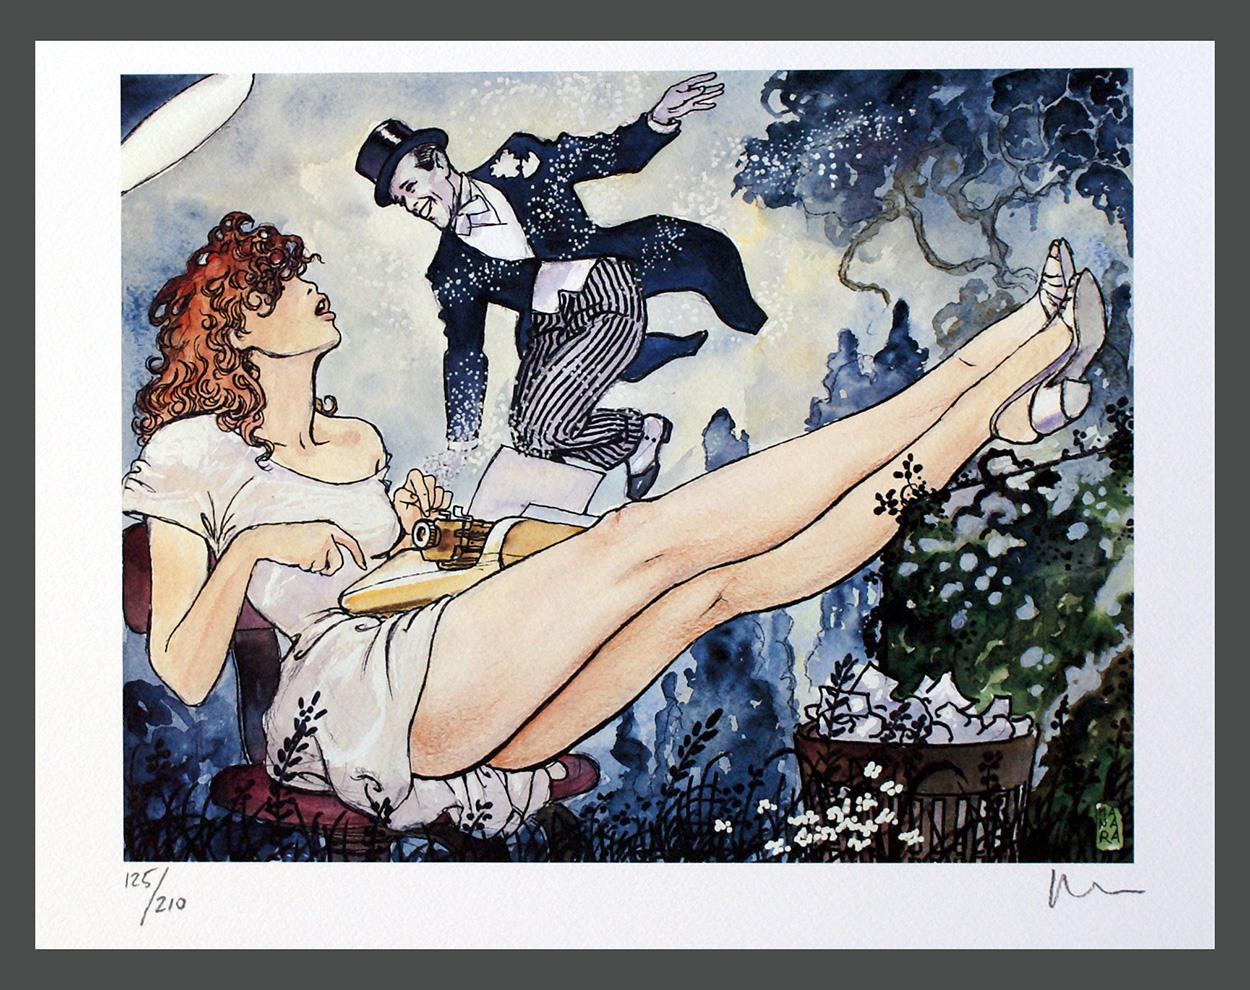 Folheie o mundo e marque sua vida - Fred Astaire (Arte de Milo Manara)